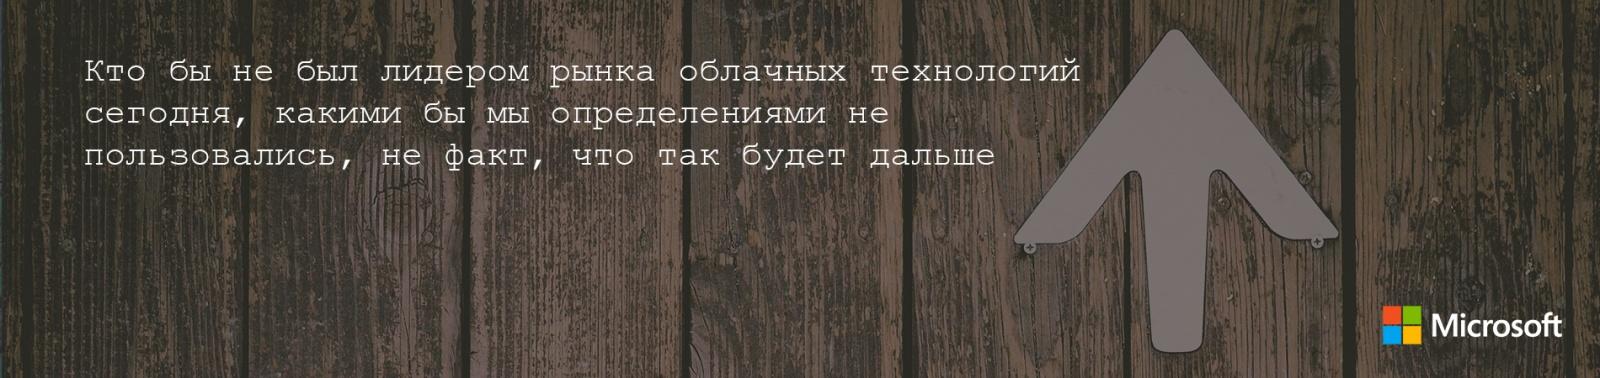 Digital Transformation: Интервью с Александром Ложечкиным - 6